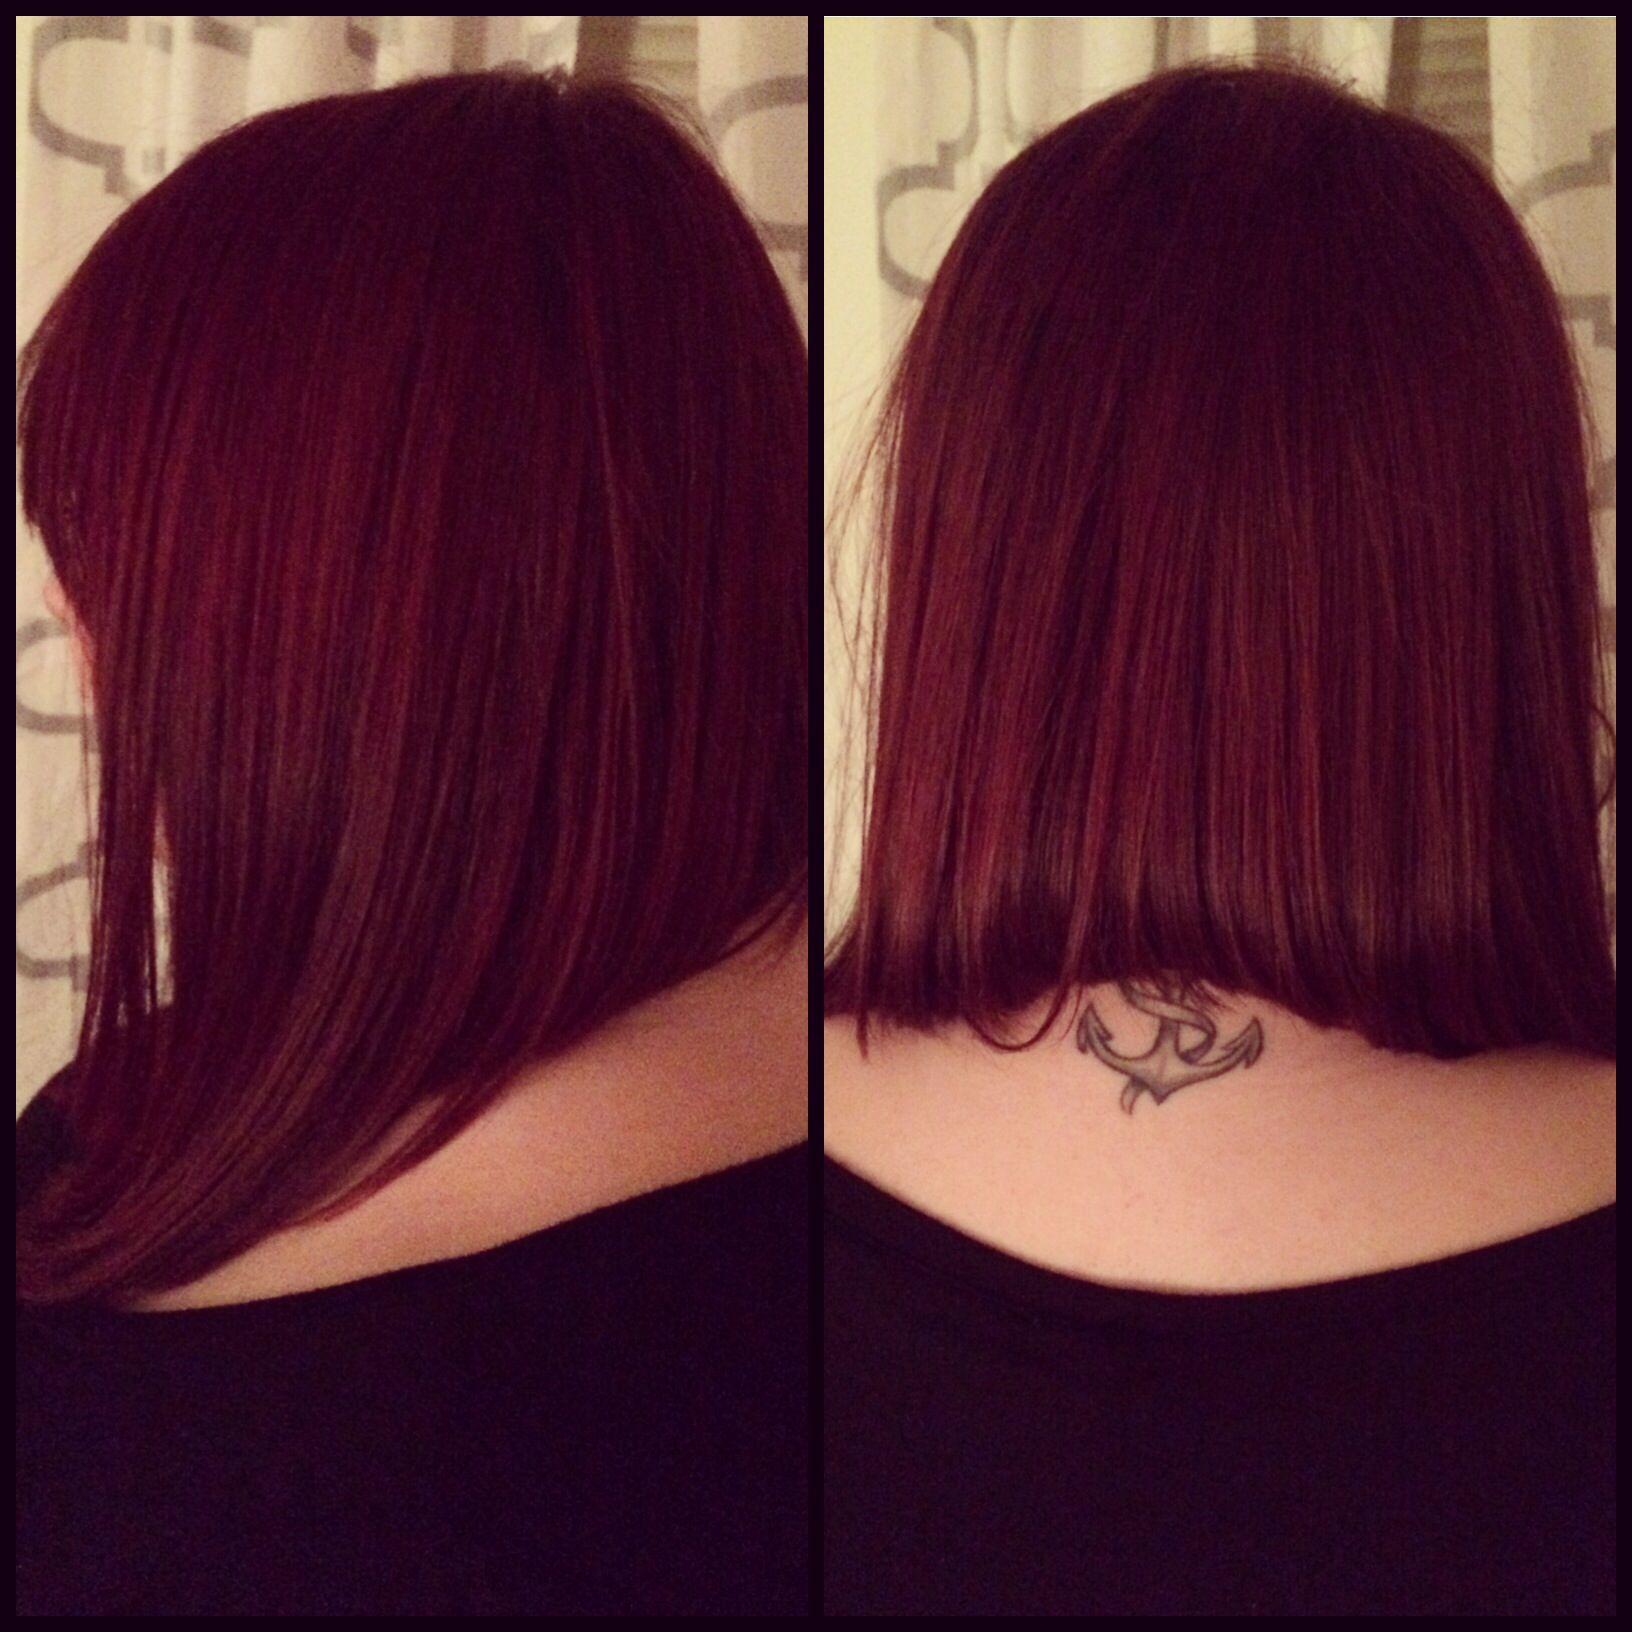 long angled bob - hairstyles | •hair• | pinterest | long angled bob